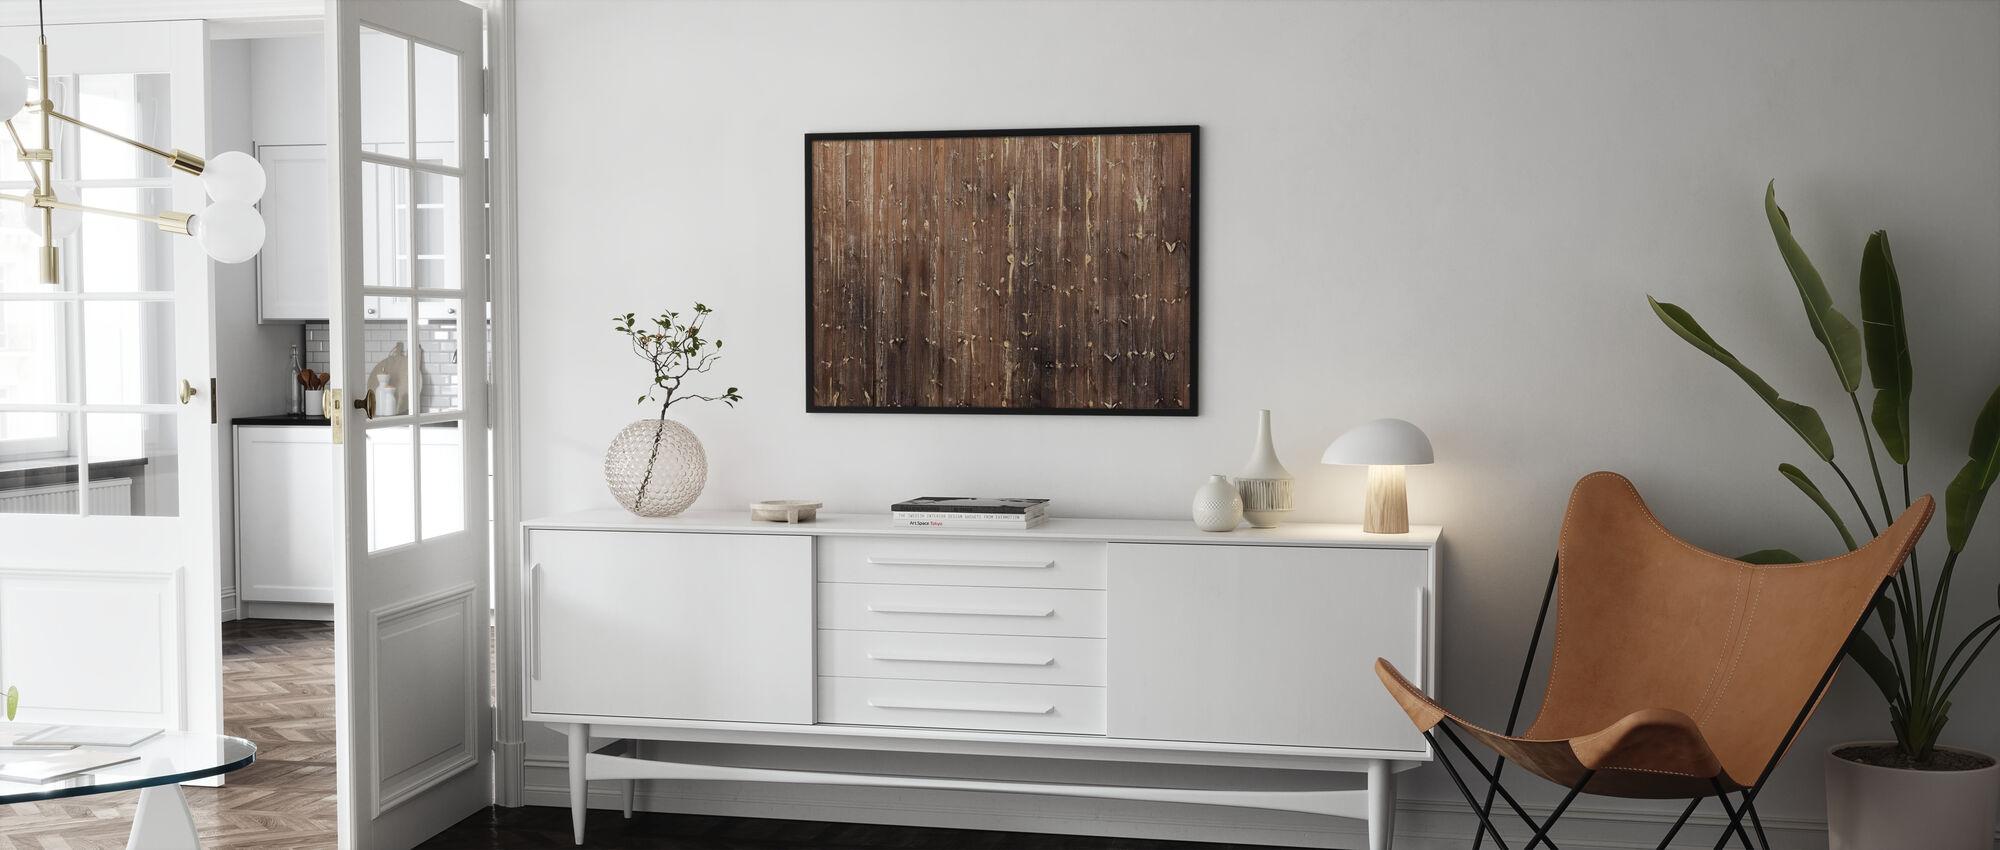 Braune Holzwand - Gerahmtes bild - Wohnzimmer